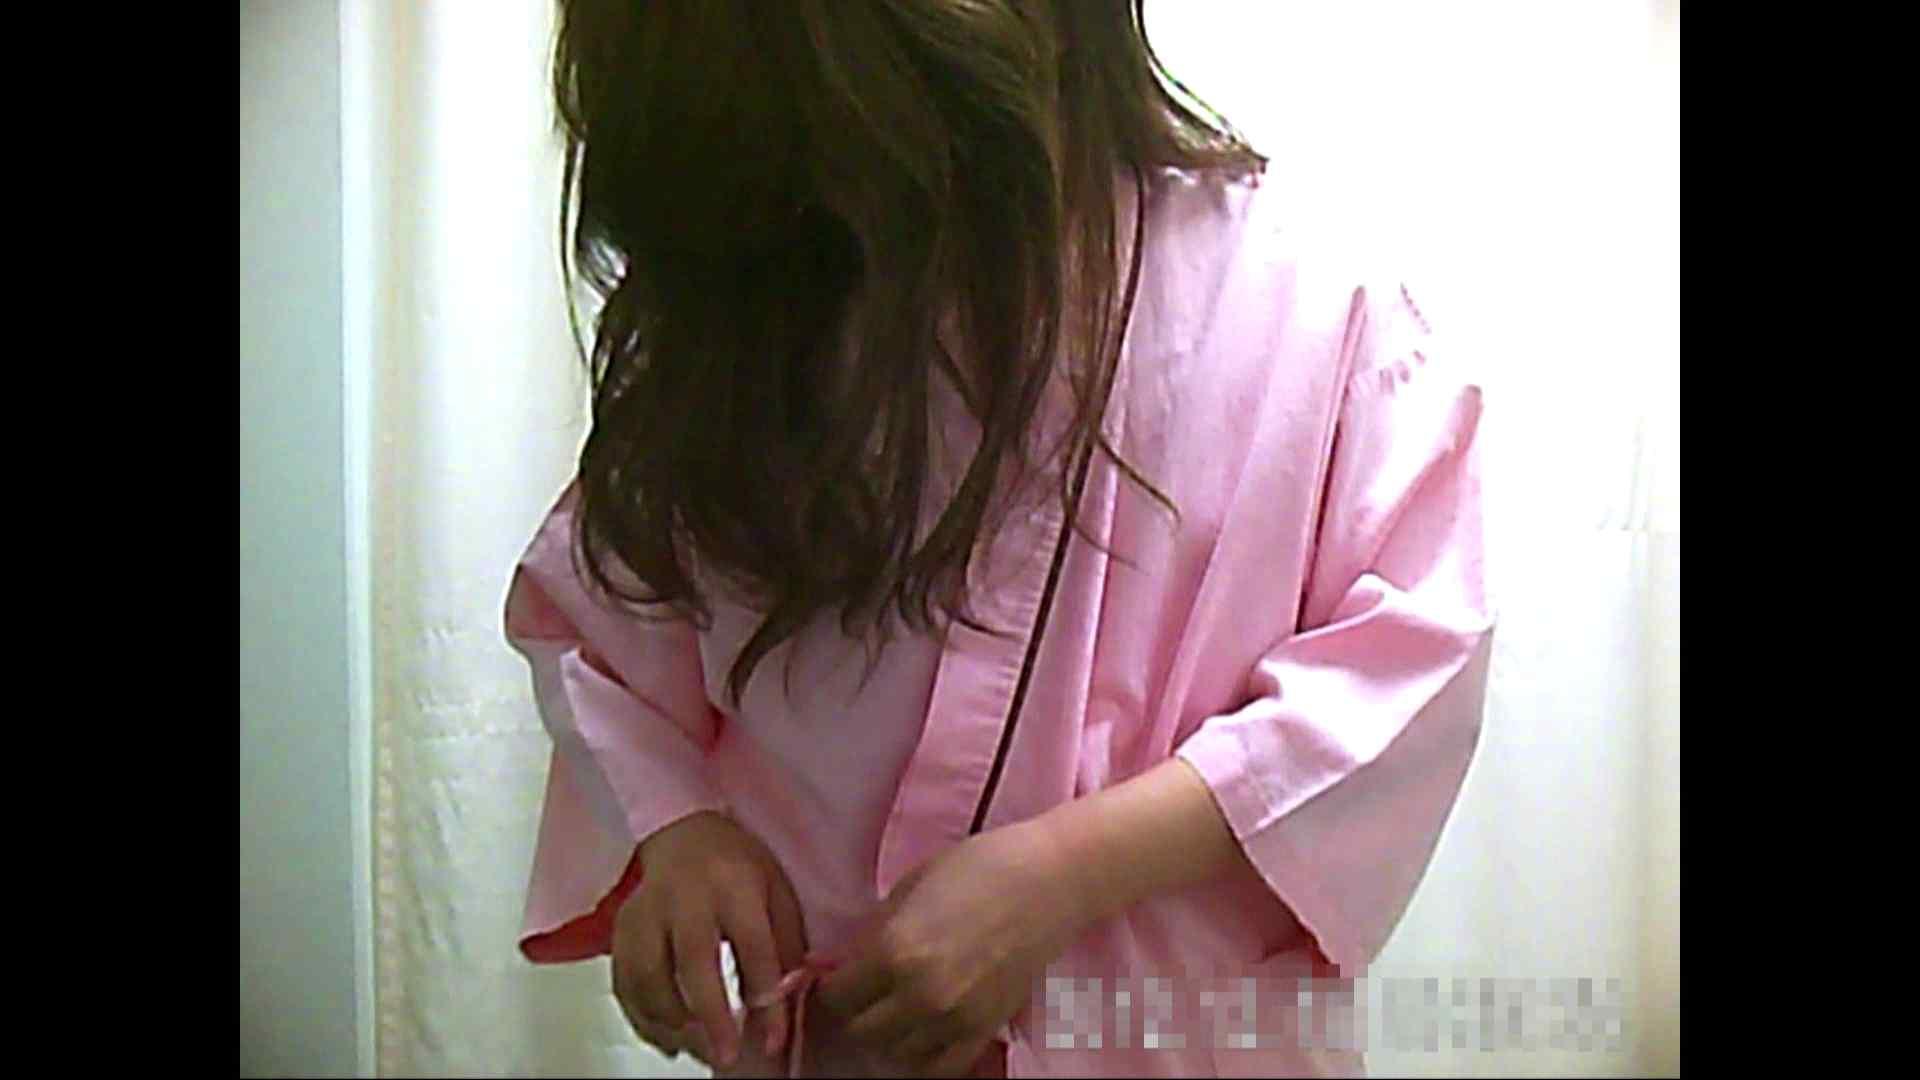 元医者による反抗 更衣室地獄絵巻 vol.123 OL  102pic 25